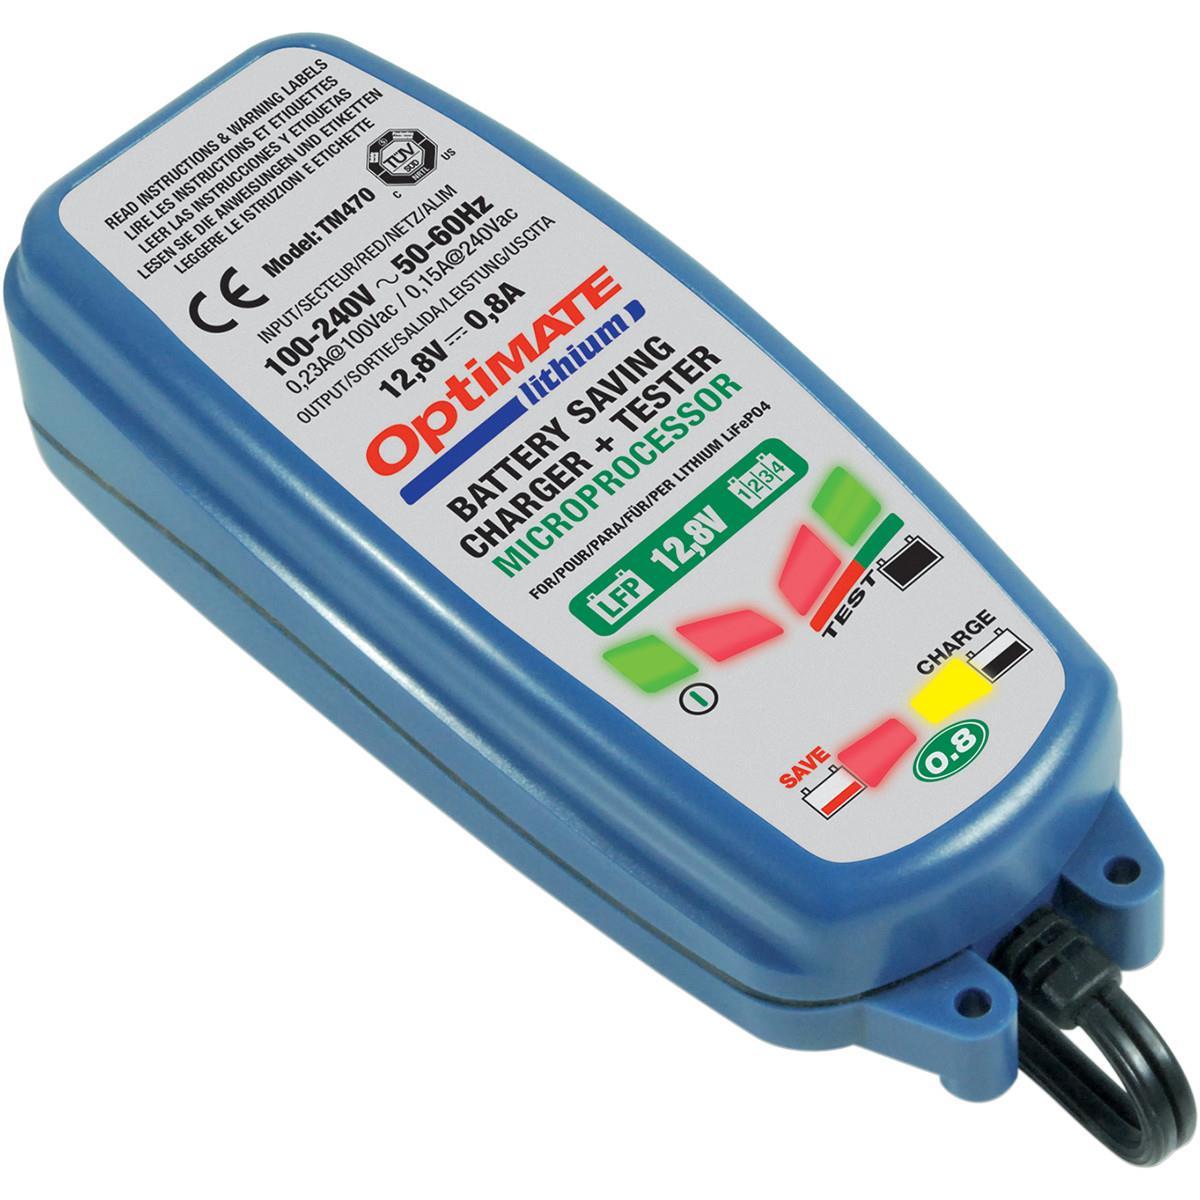 Зарядное устройство OptiMate Lithium 0,8А. TM470 зарядное устройство optimate 5 4а start stop 1x4a 12v tm220